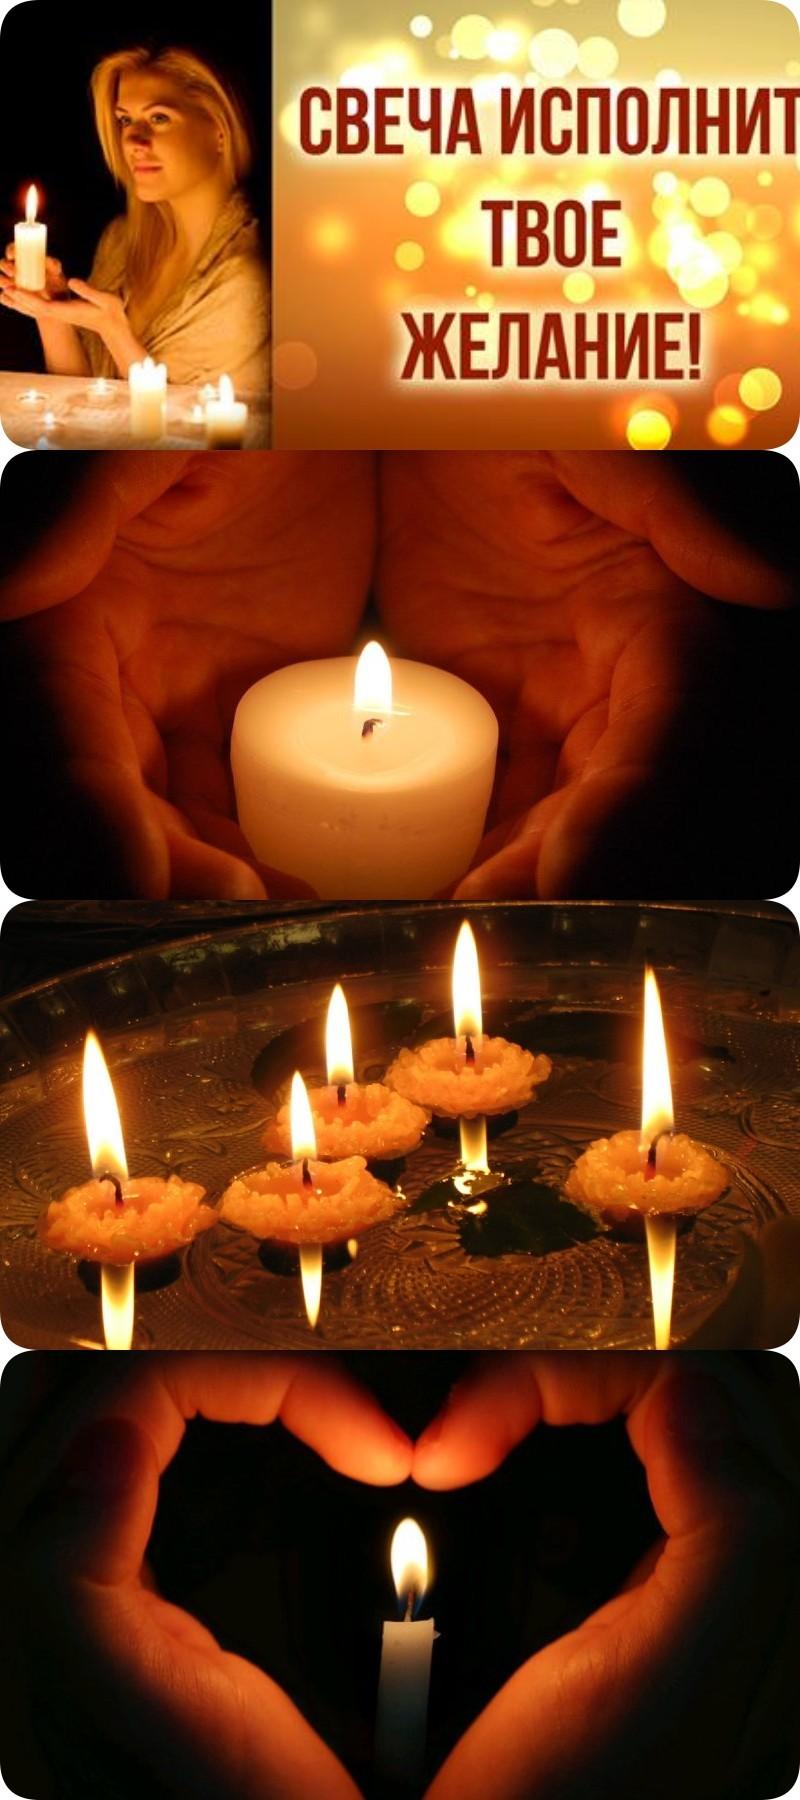 Особая техника исполнения желаний с помощью свечи! Как я это делаю…